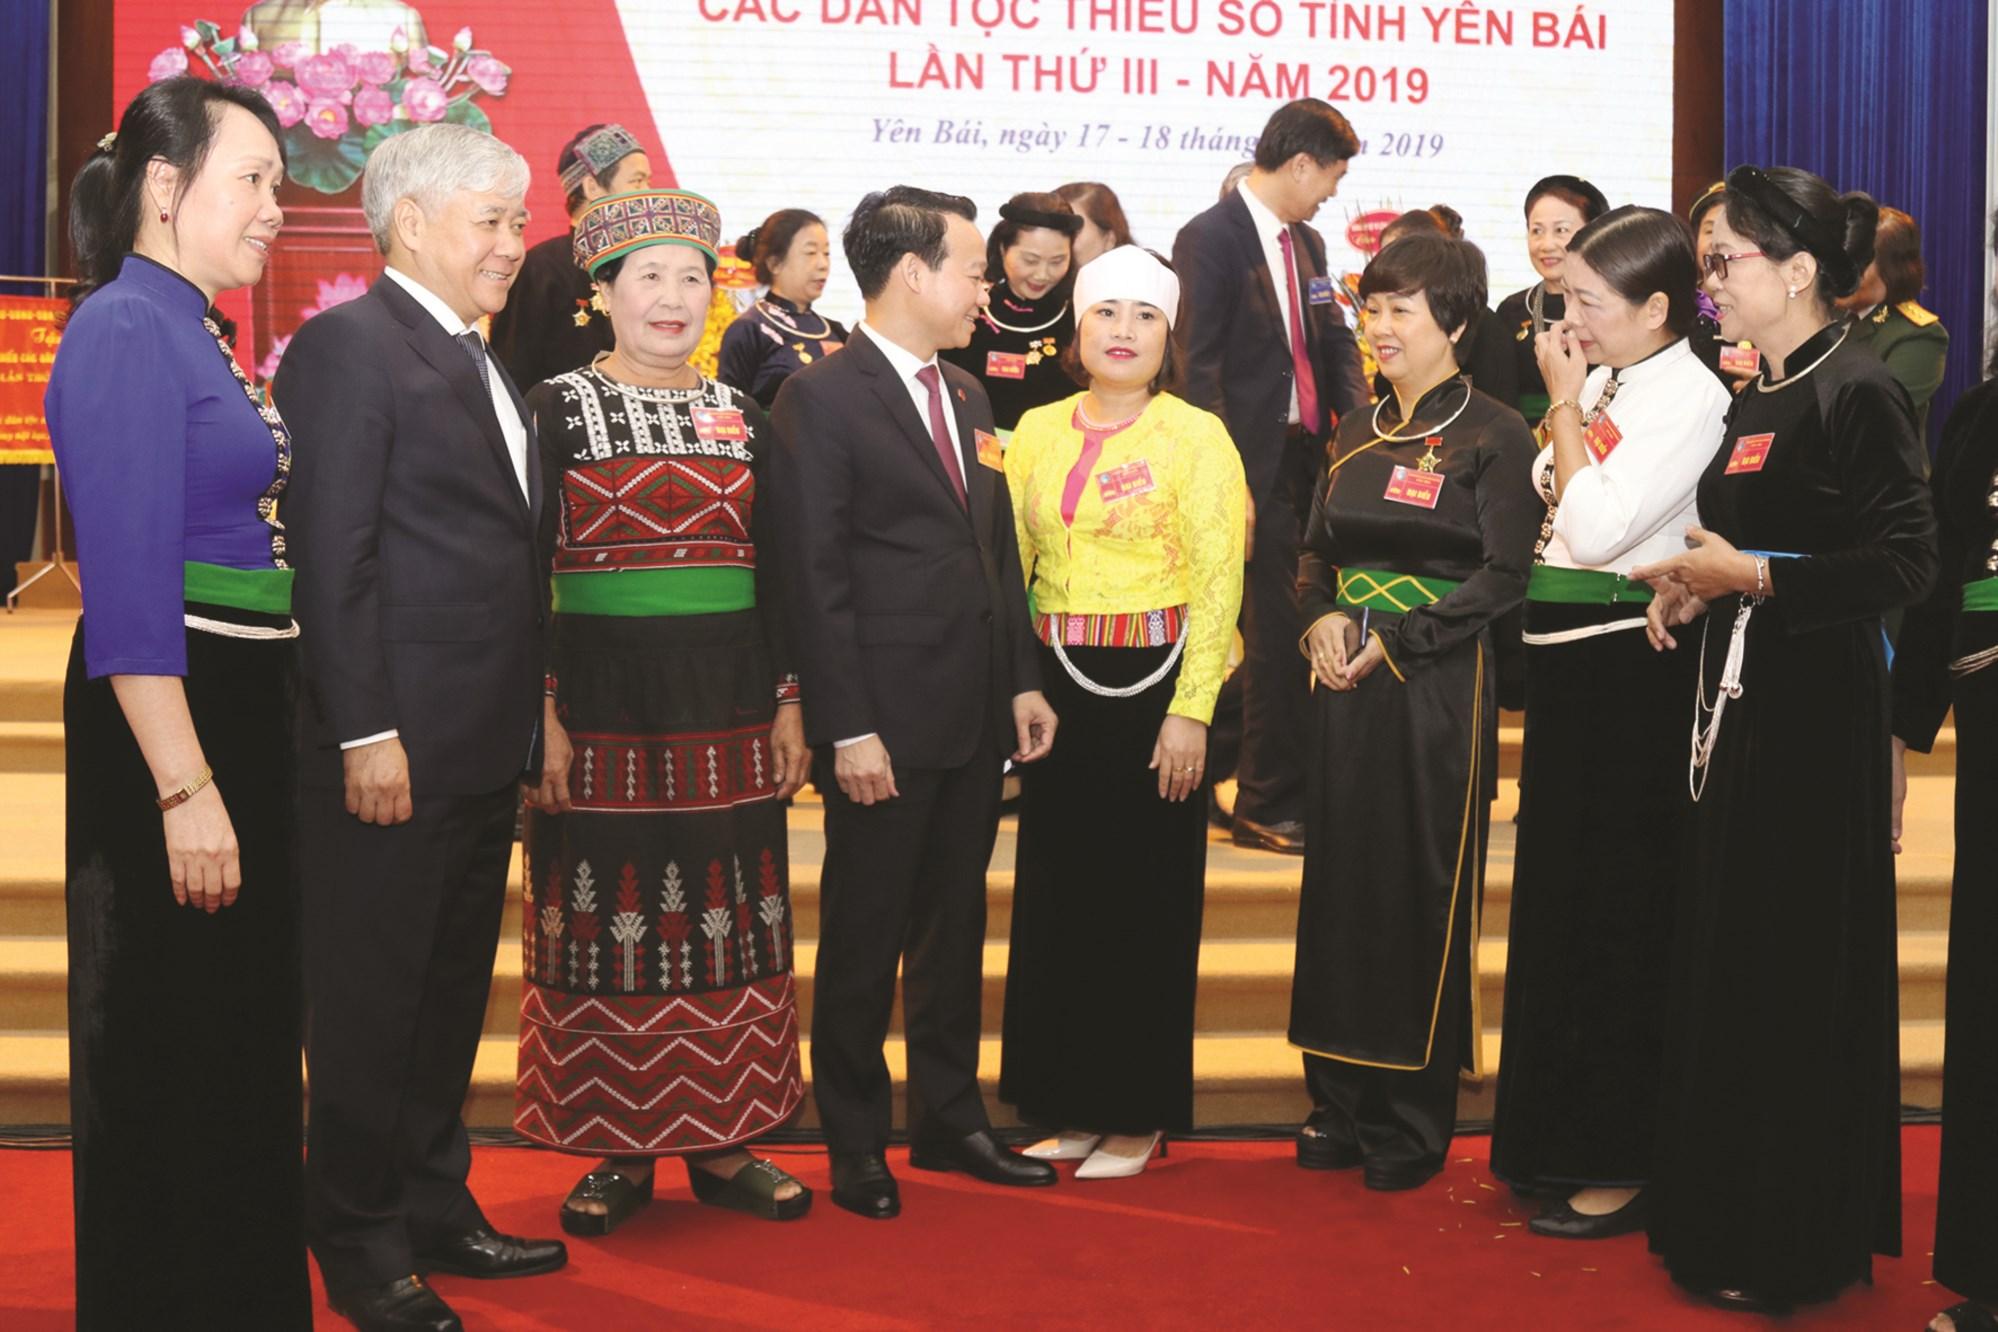 Bộ trưởng Đỗ Văn Chiến đổi với các Đại biểu bên lề Đại hội Đại biểu các DTTS tỉnh Yên Bái